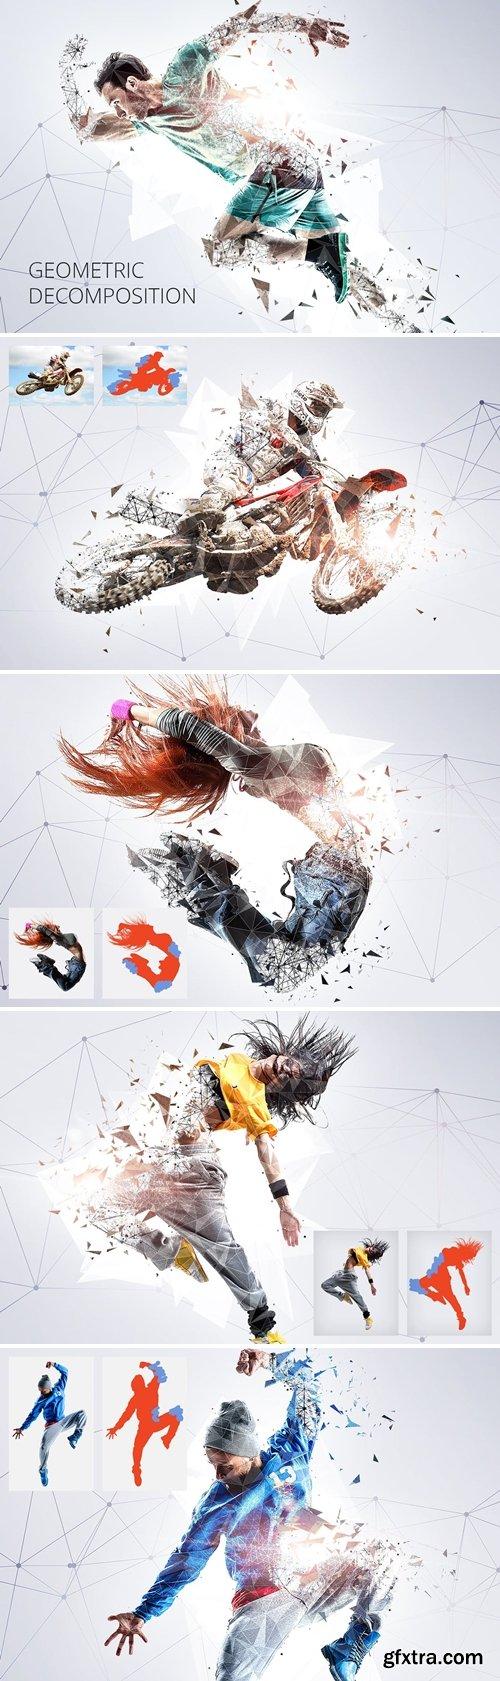 GraphicRiver - Geometric Decomposition Photoshop Action 20615244